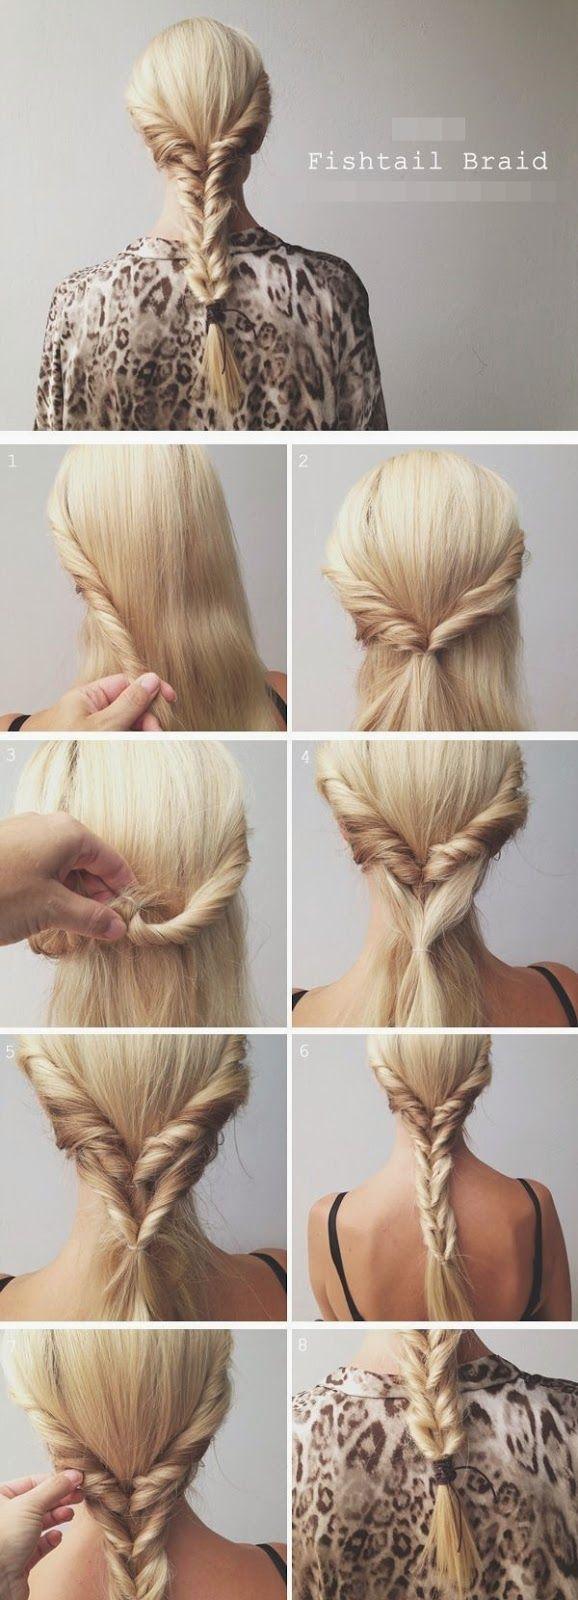 örgülü saç modelleri ve yapılışları (13)